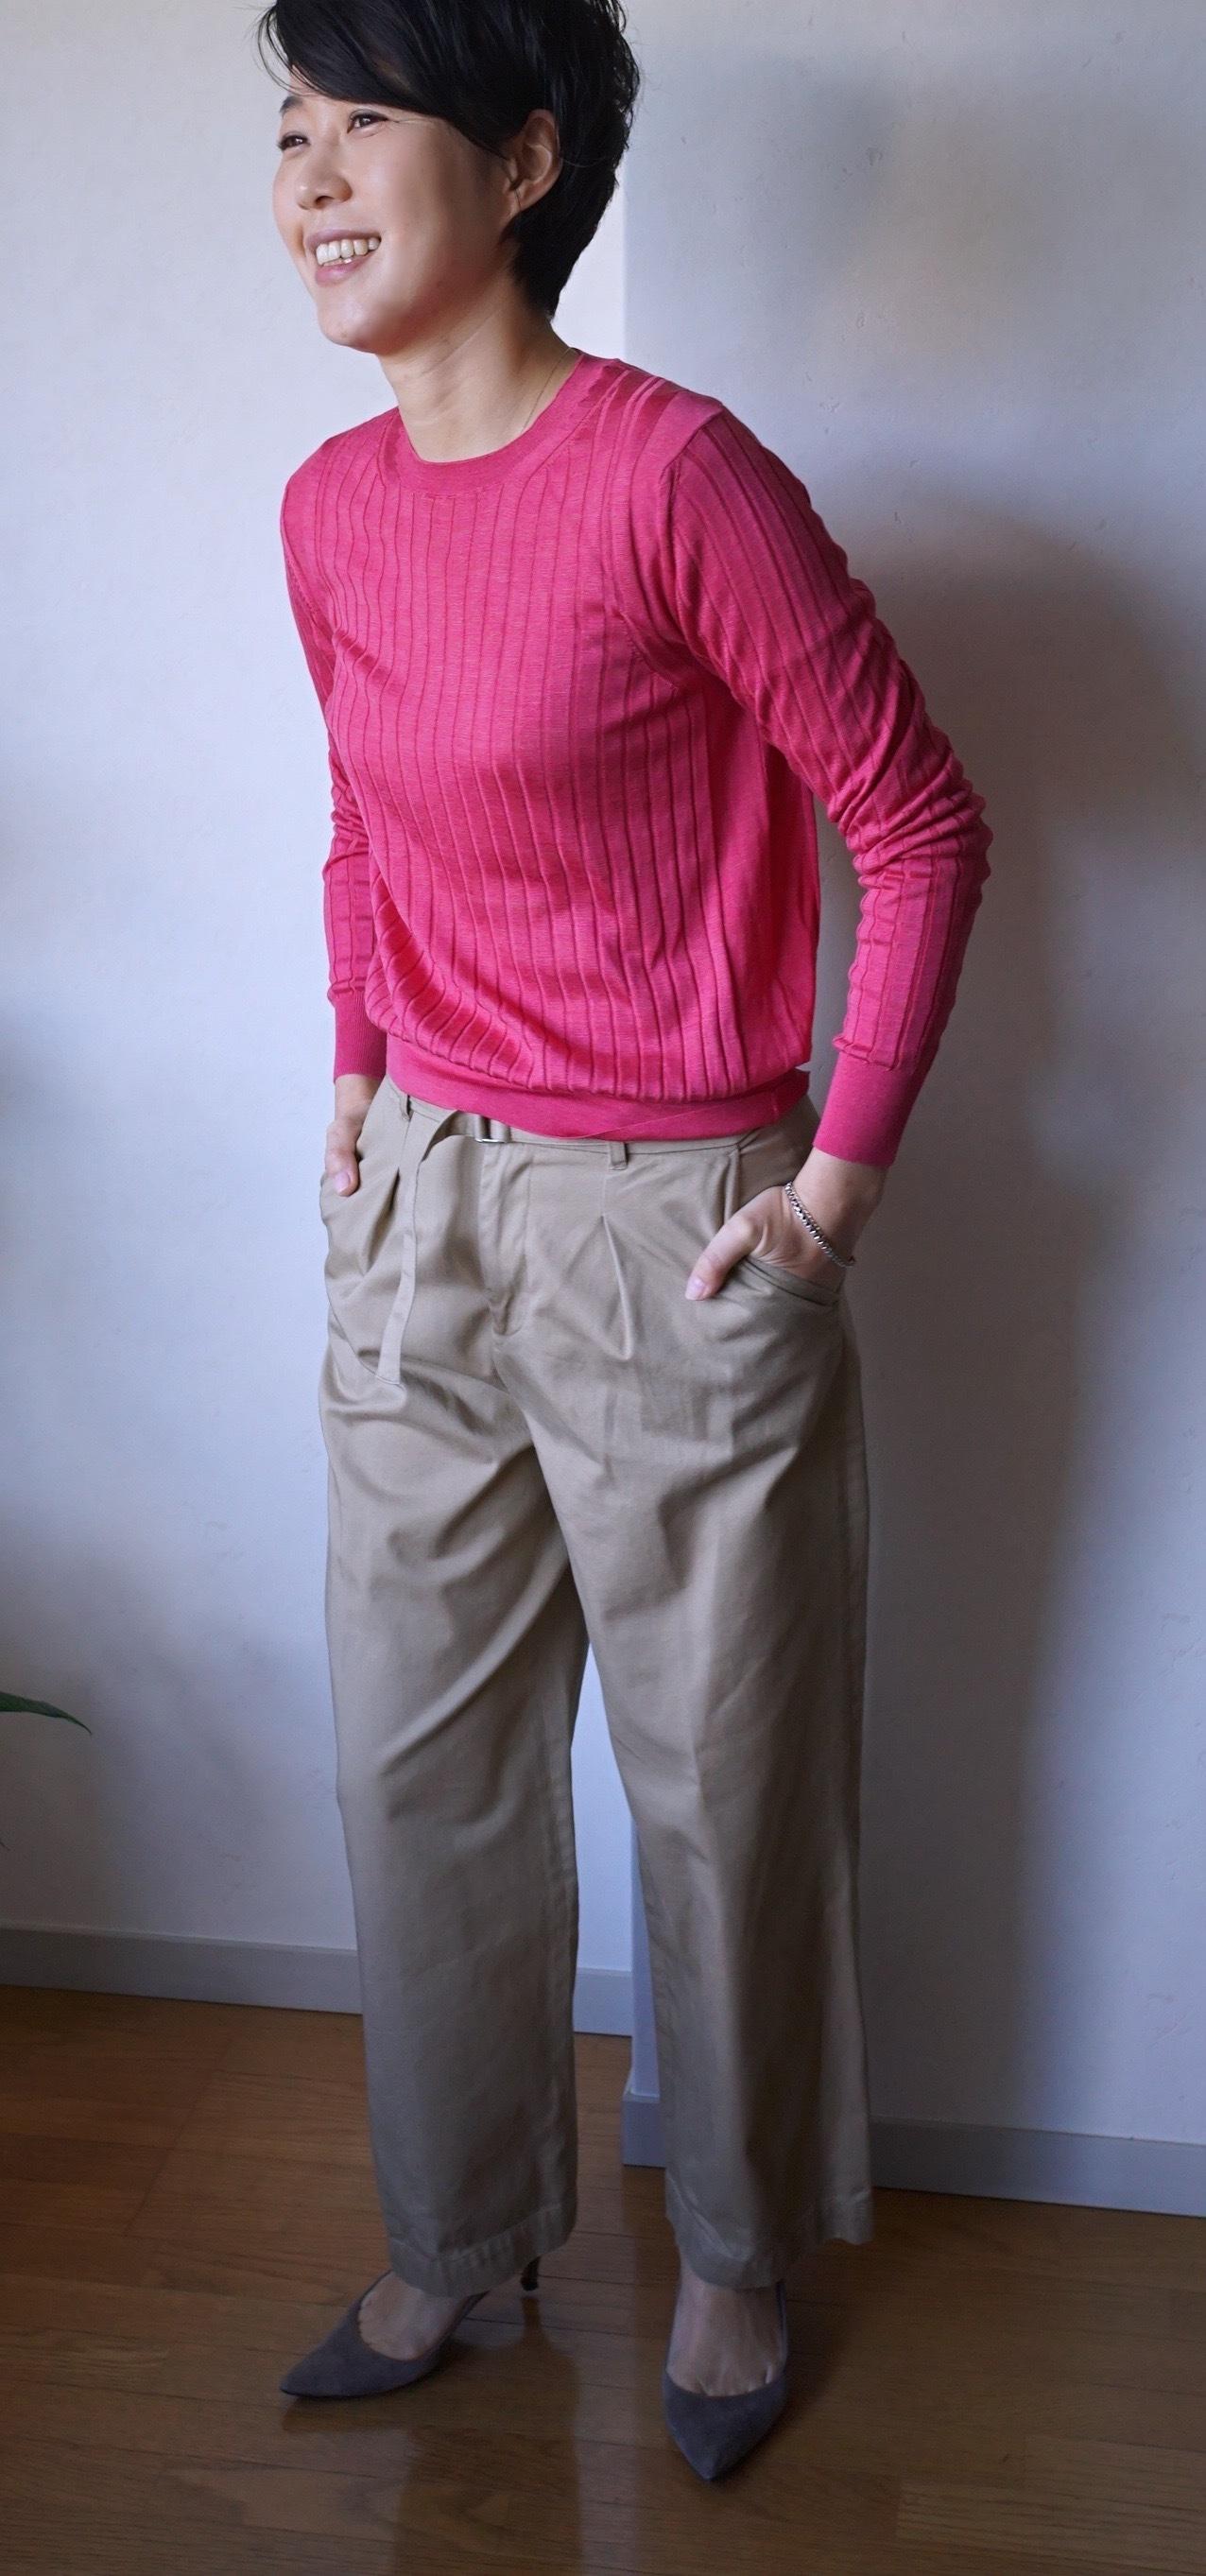 やっぱり着たい!ピンクの服_1_2-1